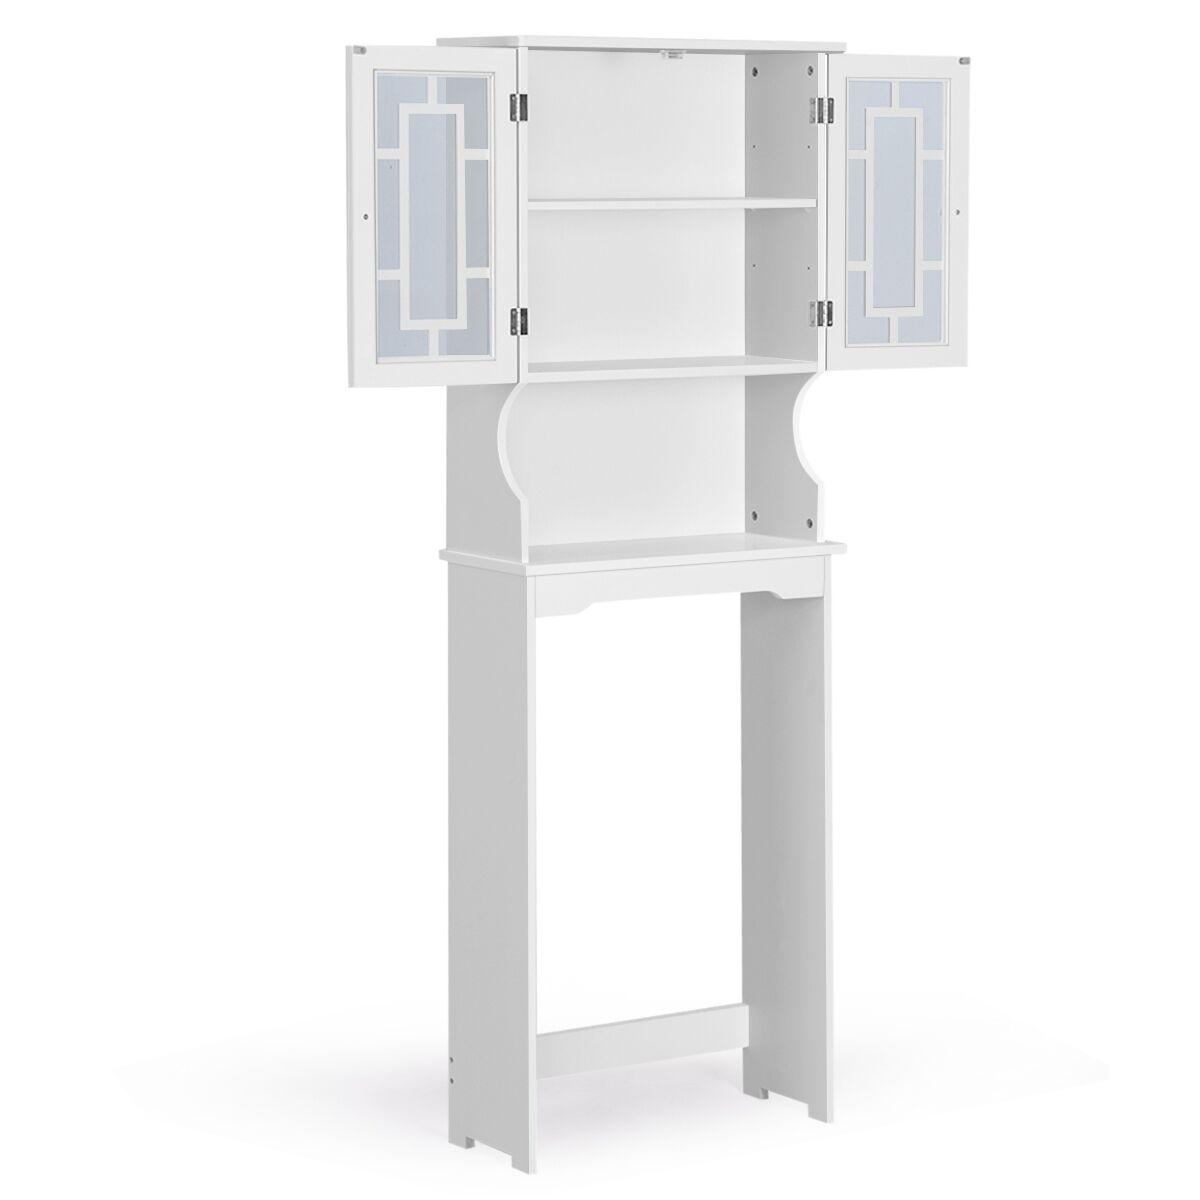 Costway Meuble Dessus Toilette WC Meuble de Salle de Bain avec 2 Portes Armoire de Toilettes WC Blanche